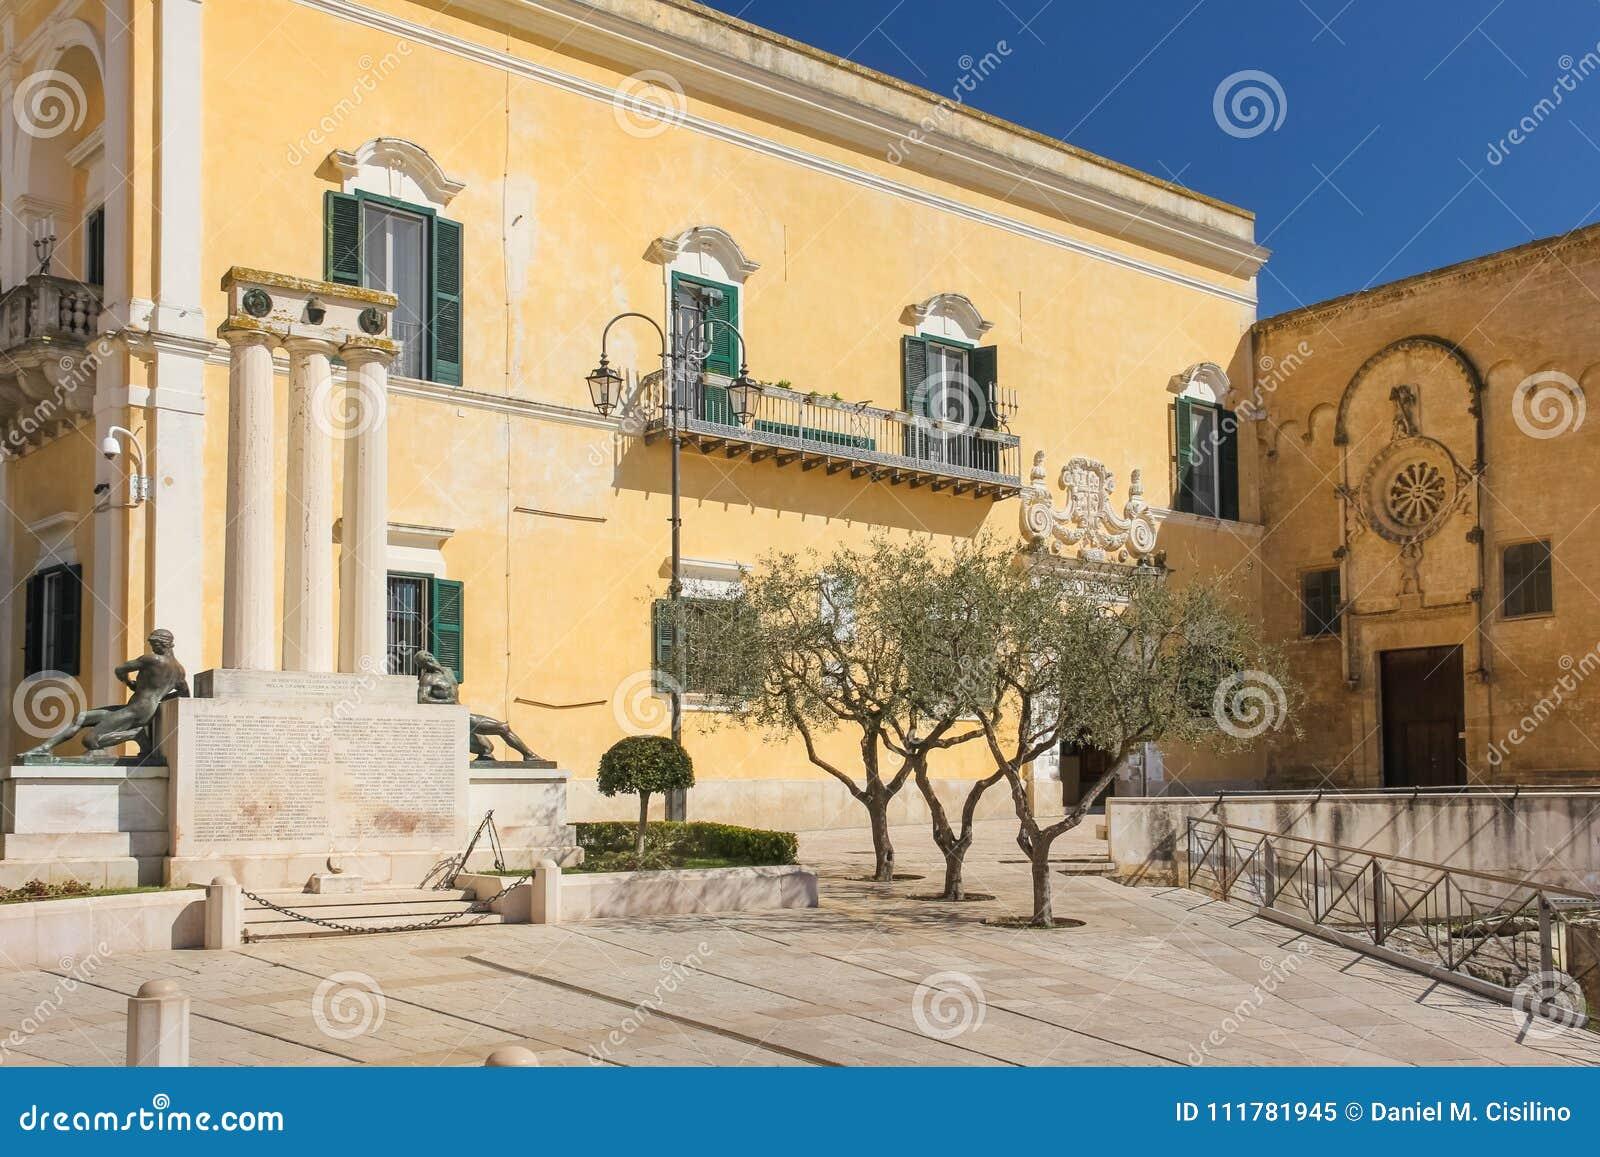 Piazza Vittorio Veneto. Matera. Basilicata. Apulia. Italy